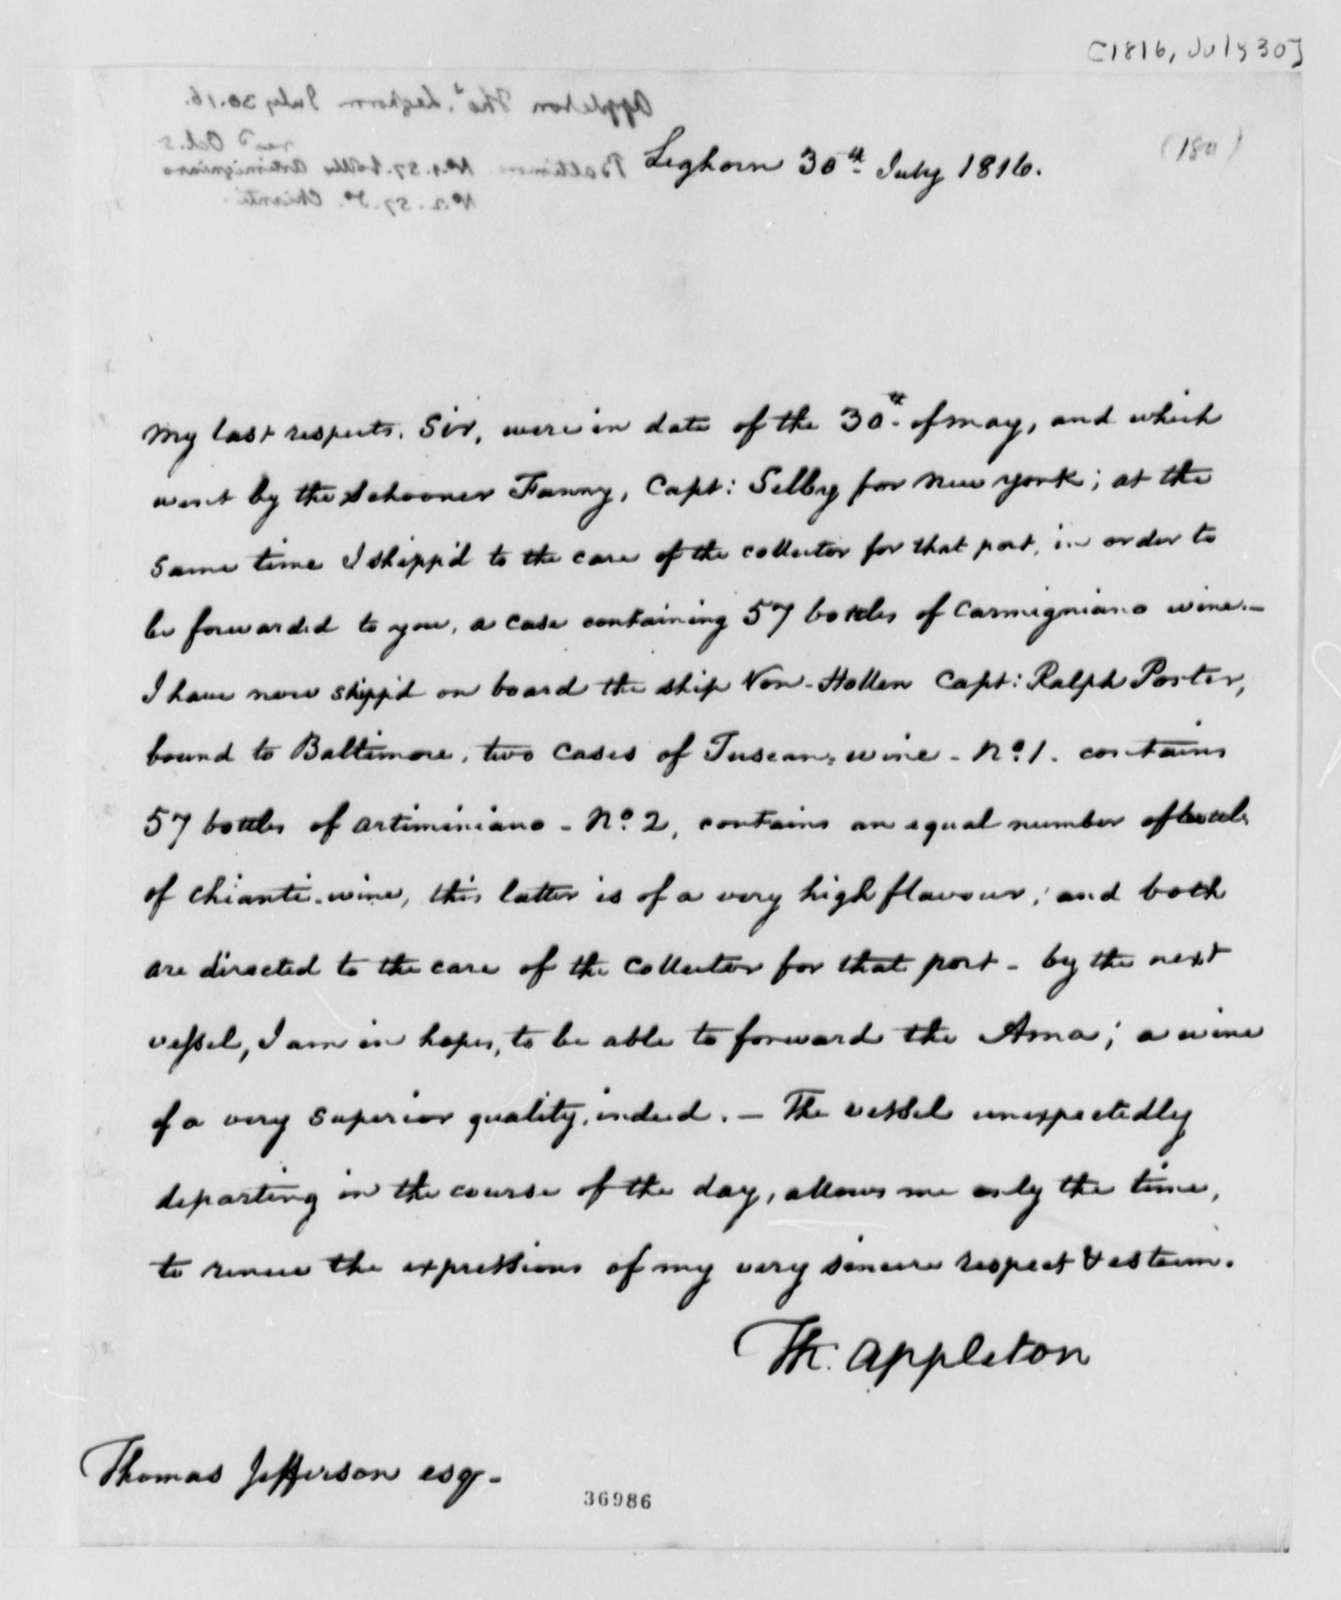 Thomas Appleton to Thomas Jefferson, July 30, 1816